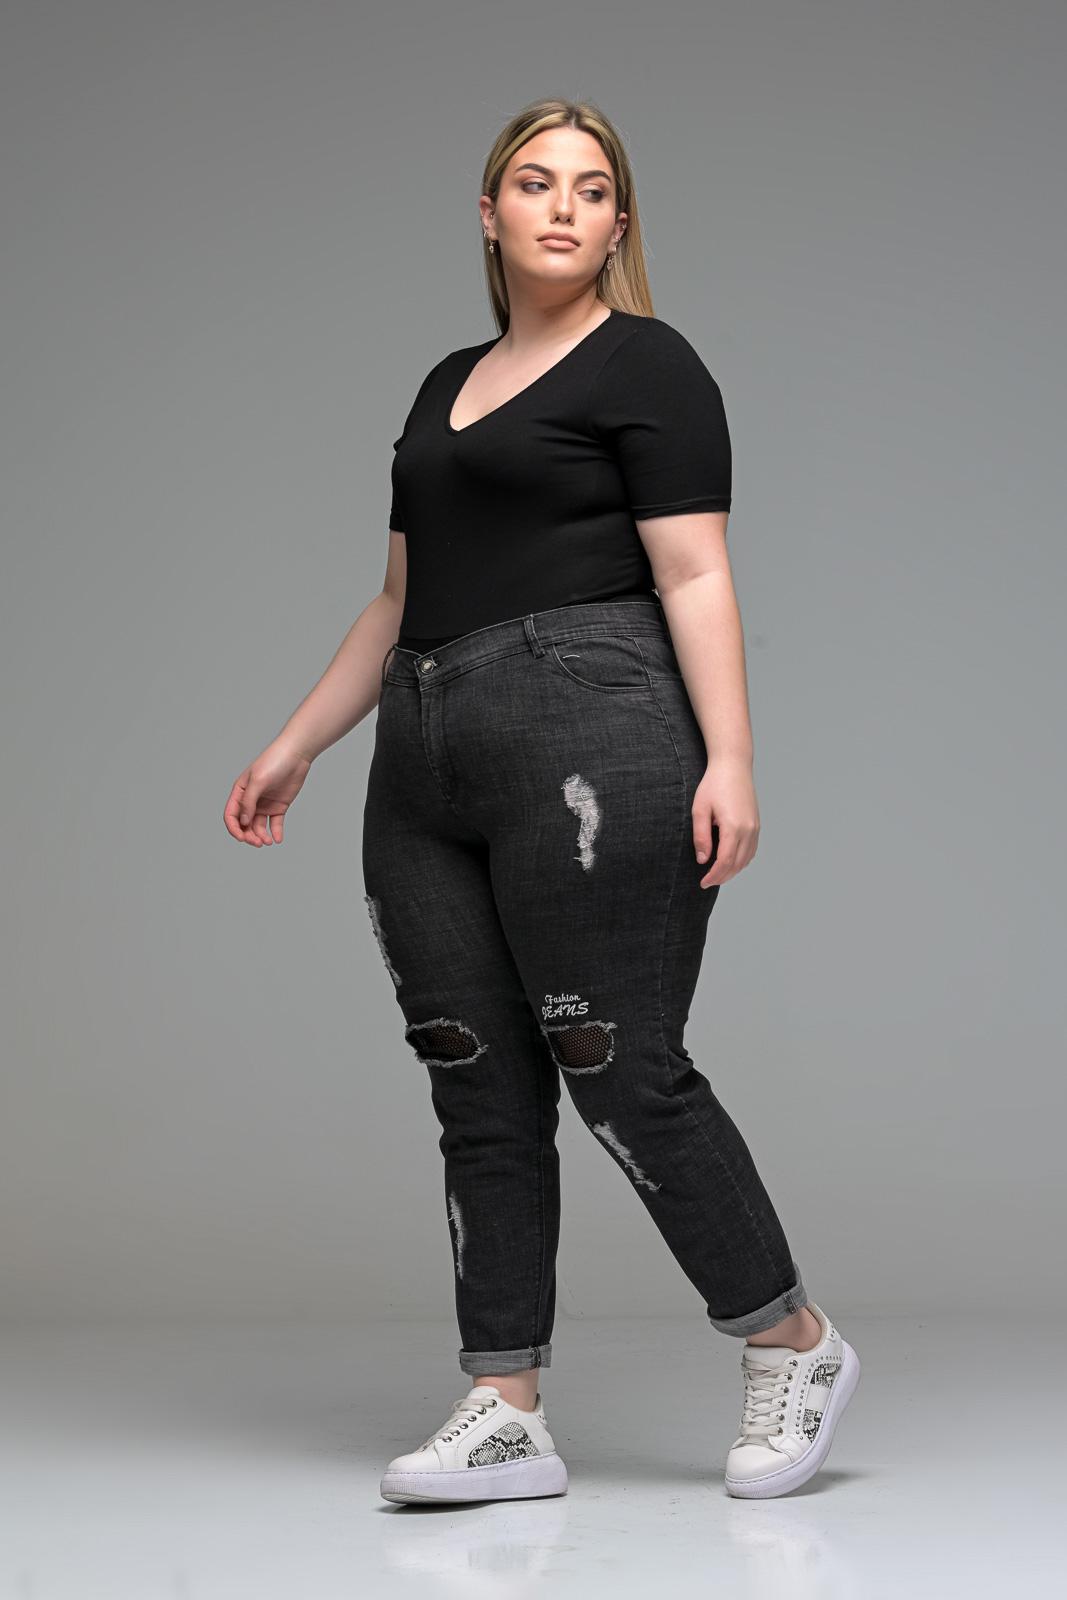 Τζιν +Psx ελαστικό με σκισίματα και δίχτυ στα γόνατα